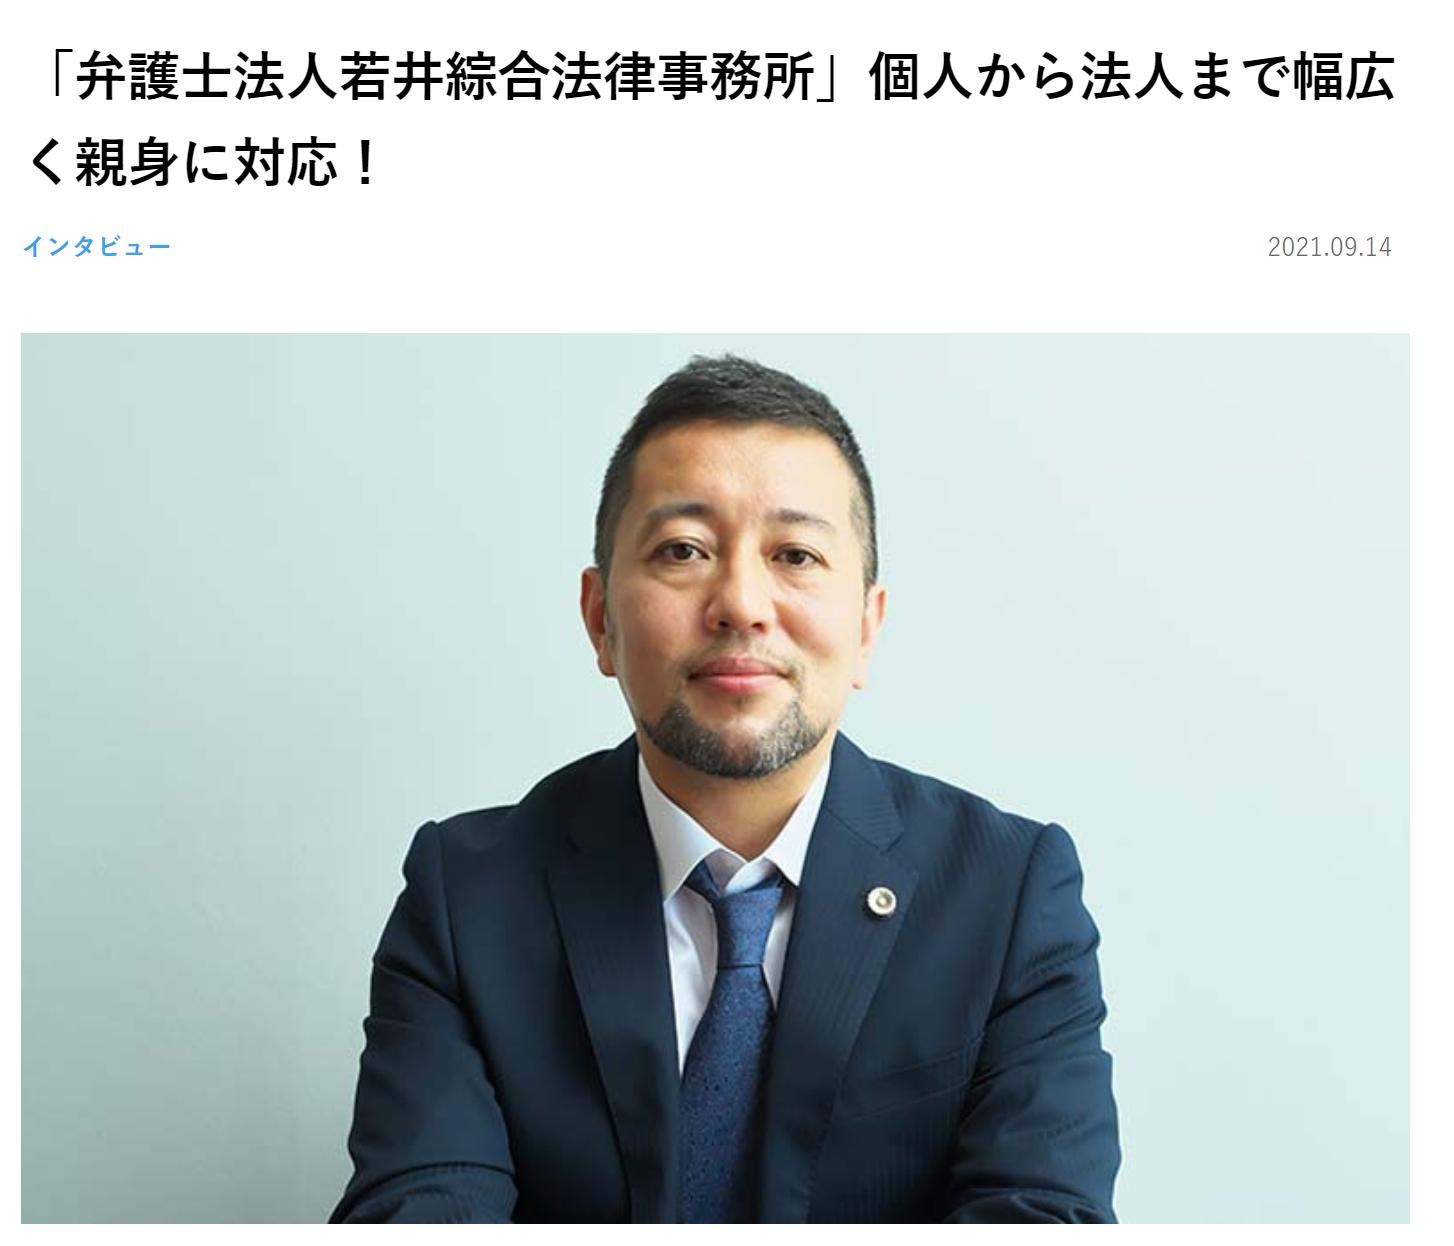 【掲載情報】マイナビニュース